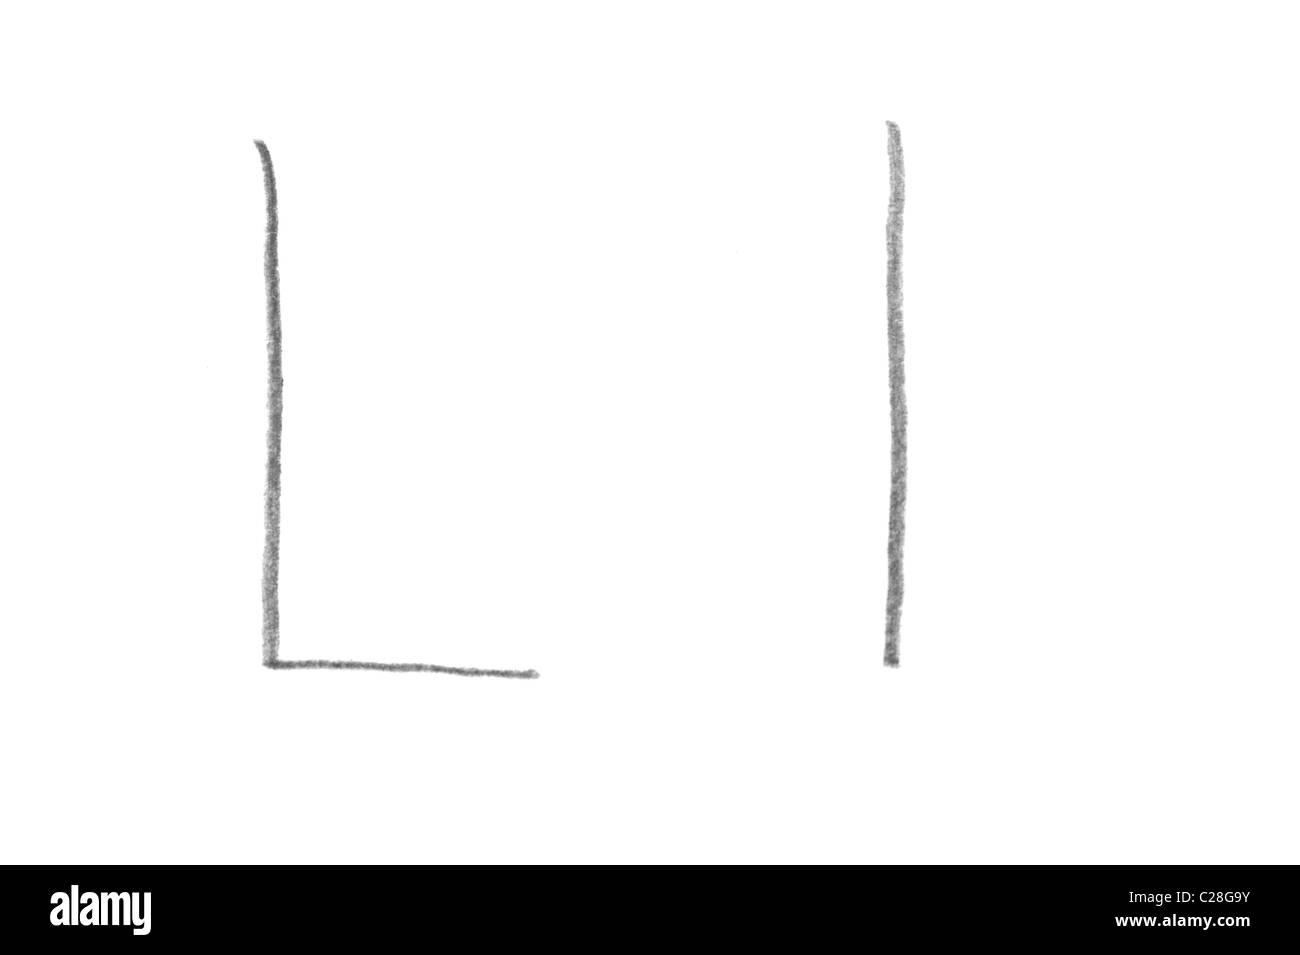 Letra L Minúscula Imágenes De Stock Letra L Minúscula